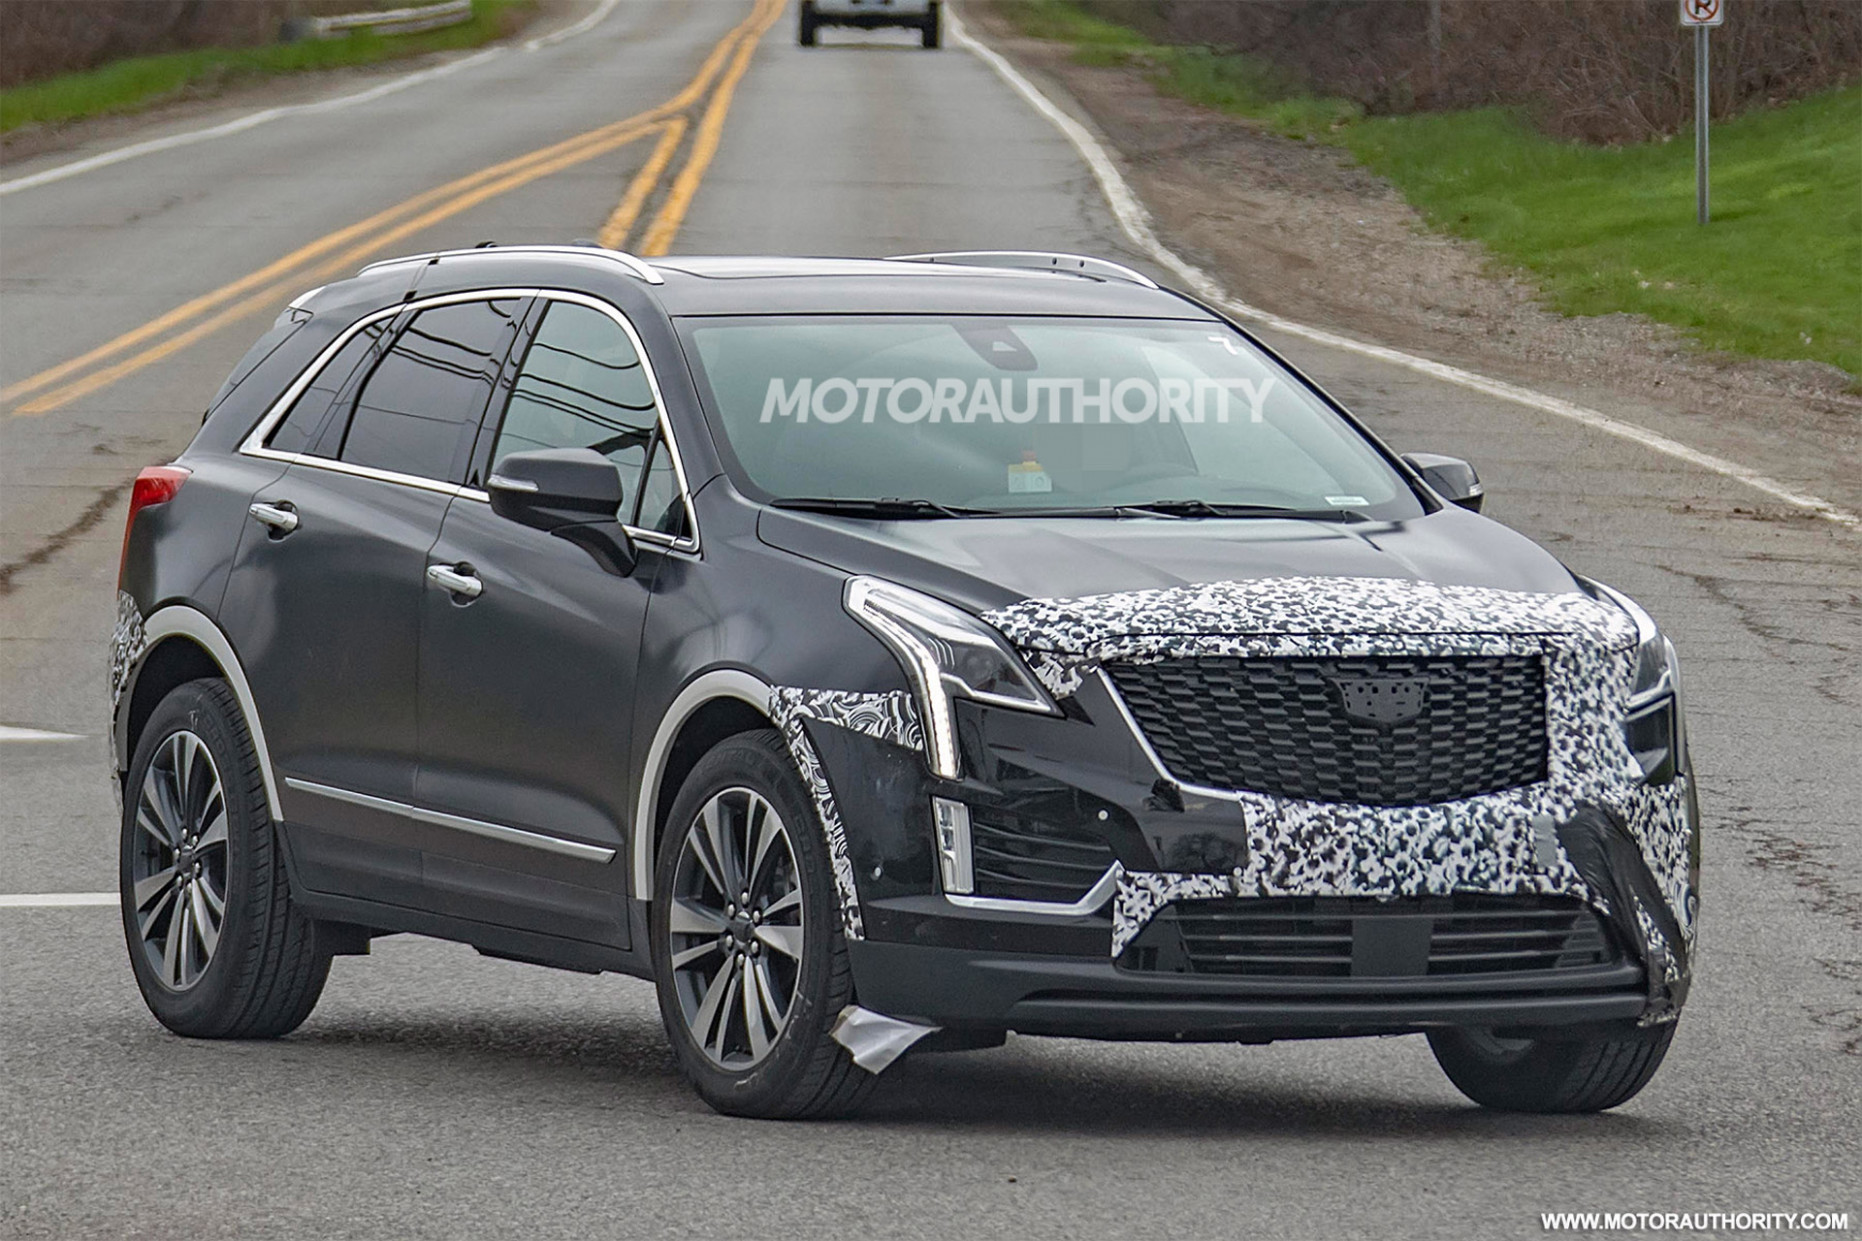 Model 2022 Spy Shots Cadillac Xt5